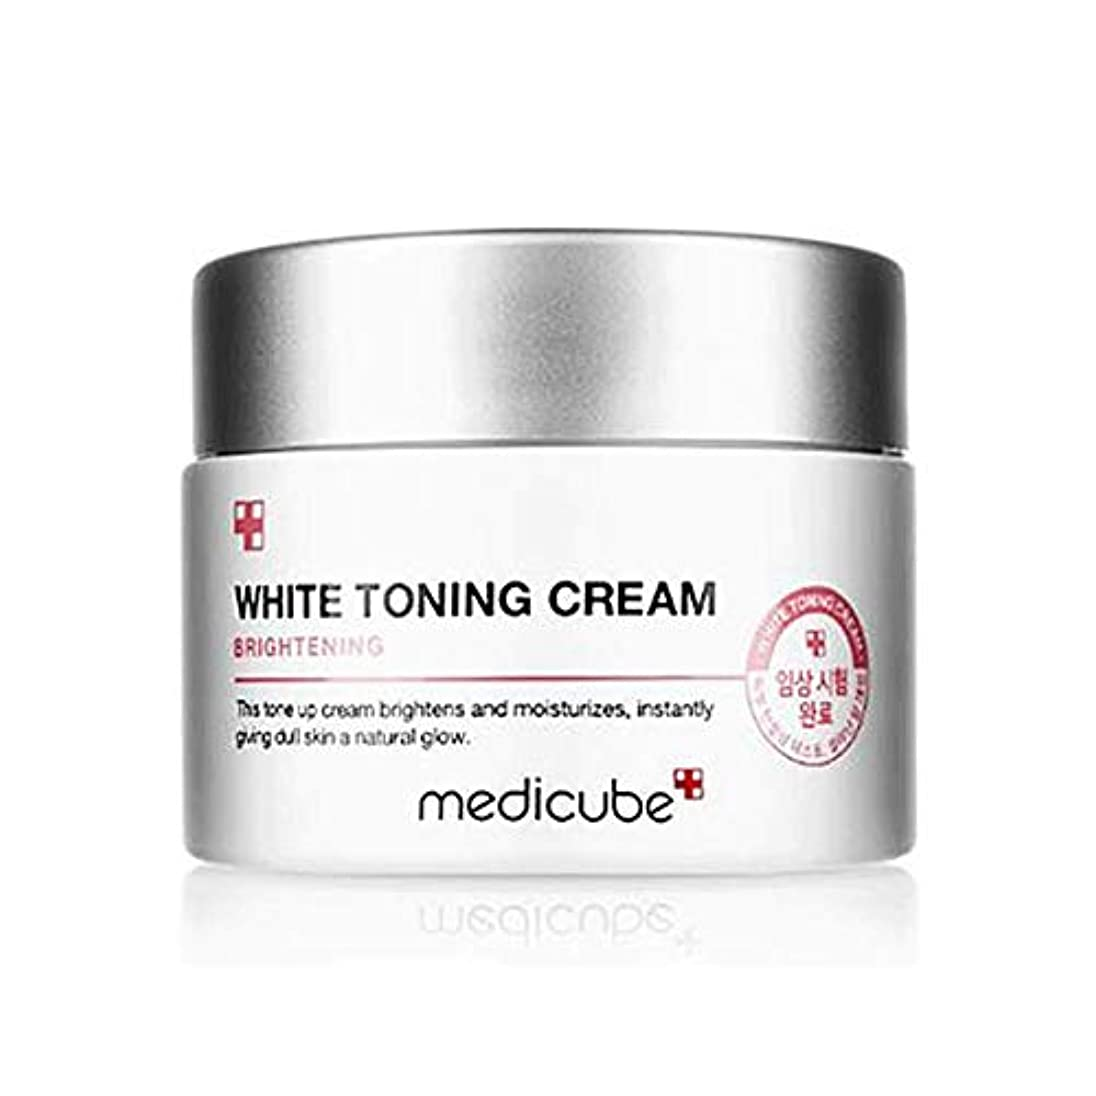 チョップ大気ネックレスMedicube WHITE TONING CREAM メディキューブ ホワイトトーニングクリーム 55ml [並行輸入品]